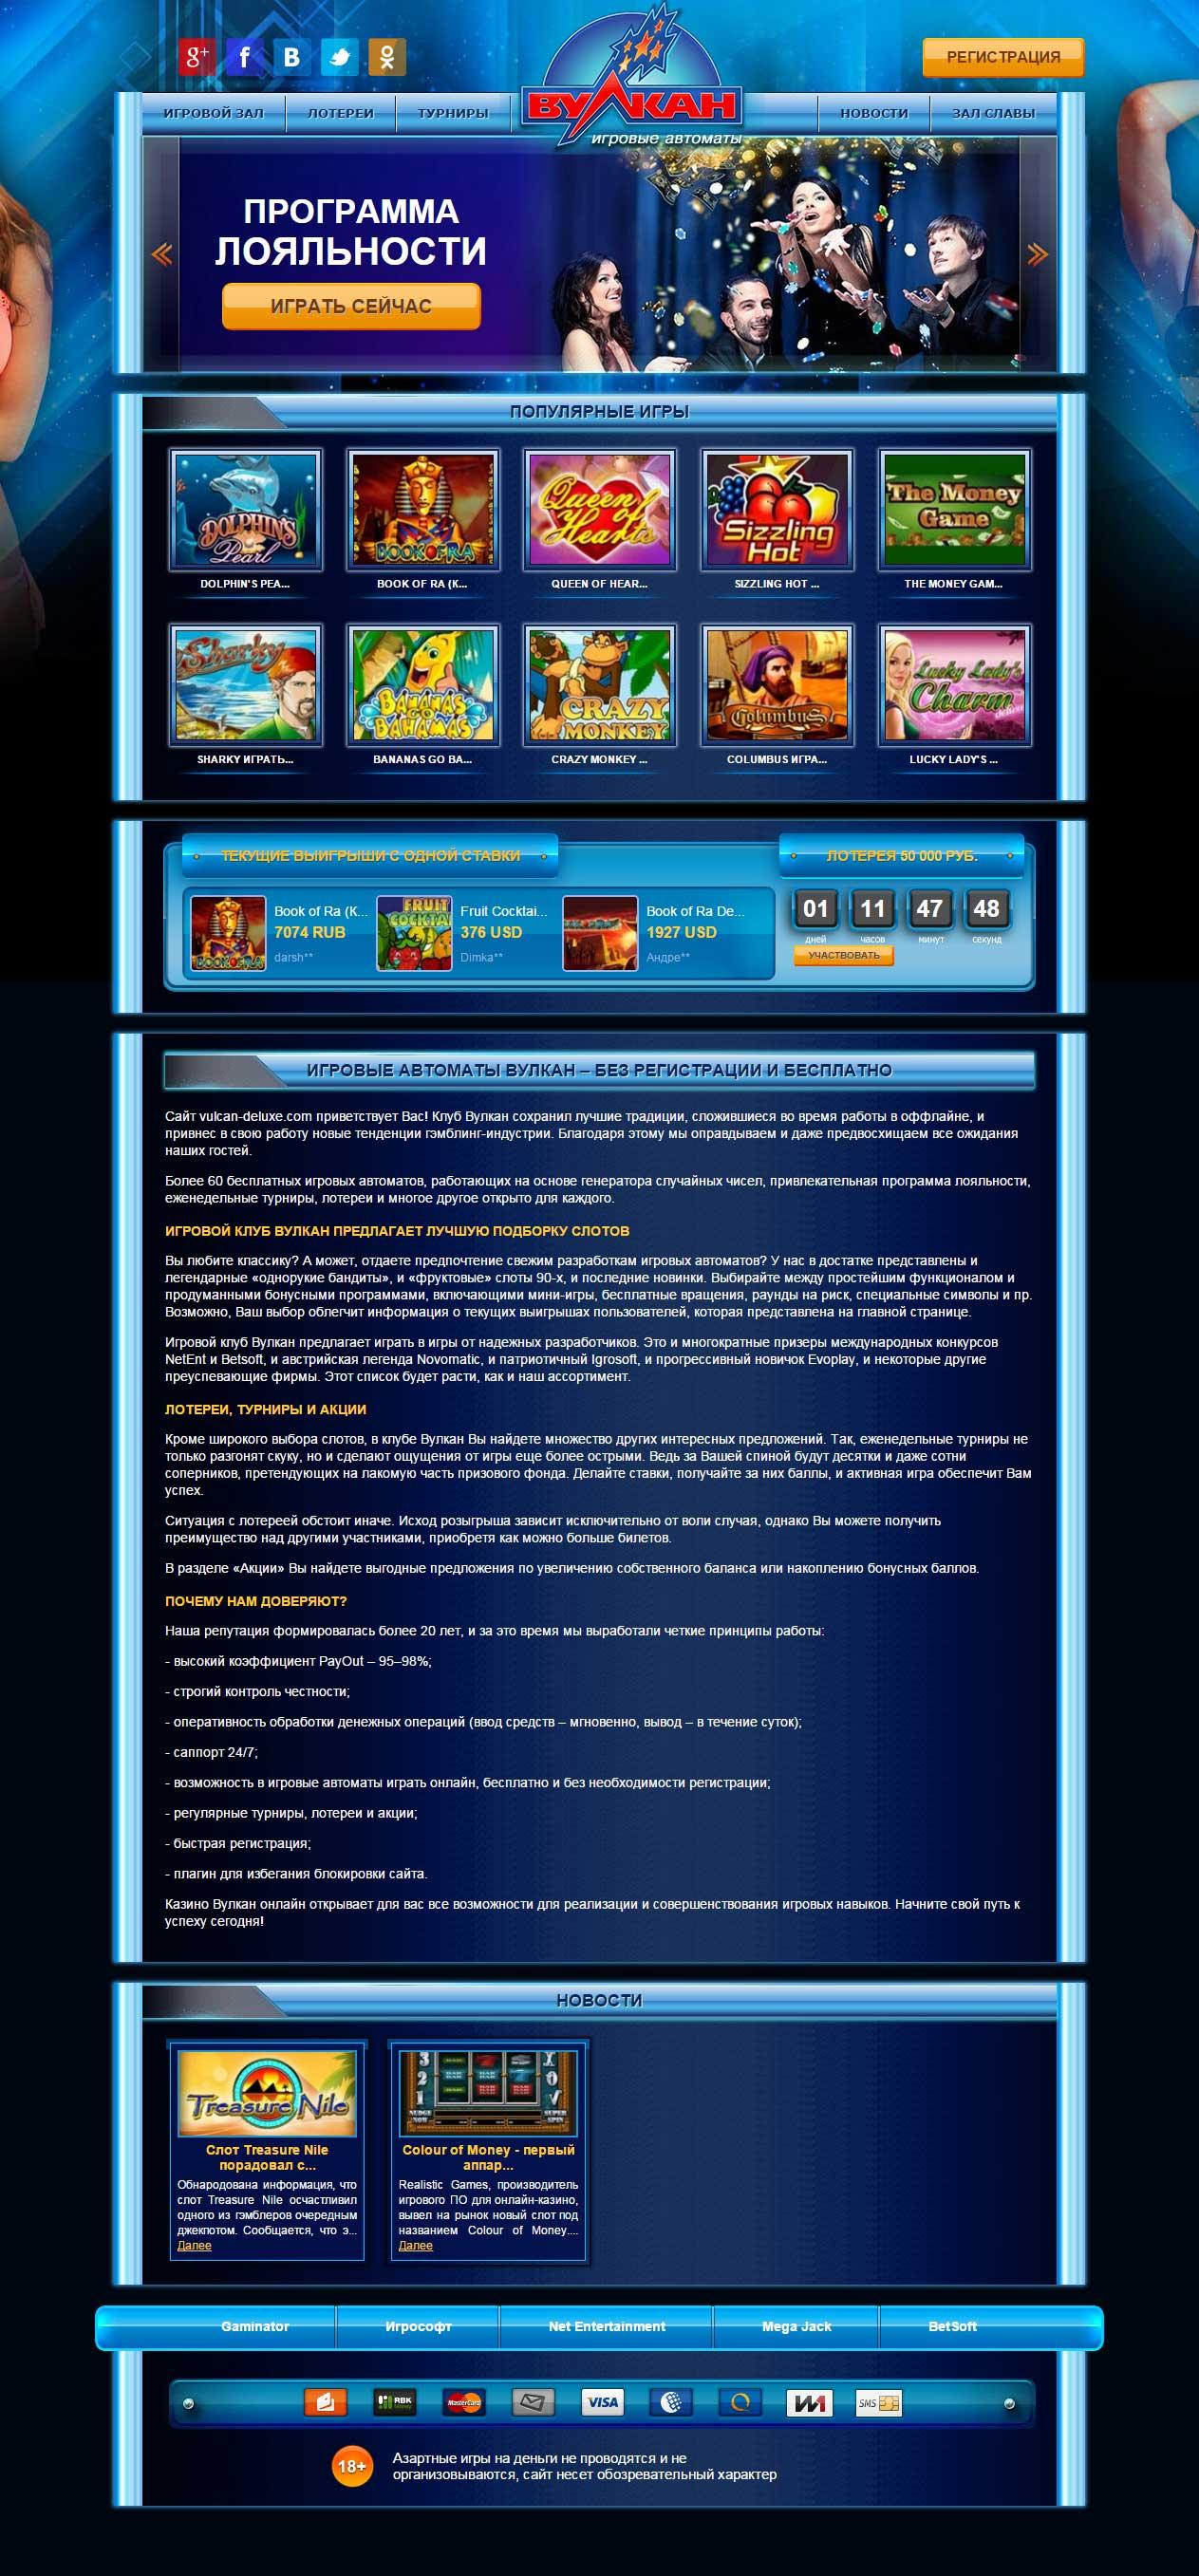 Интернет-казино сайт выбор интернет-казино с большим ассортиментом слотов и в жестких условиях